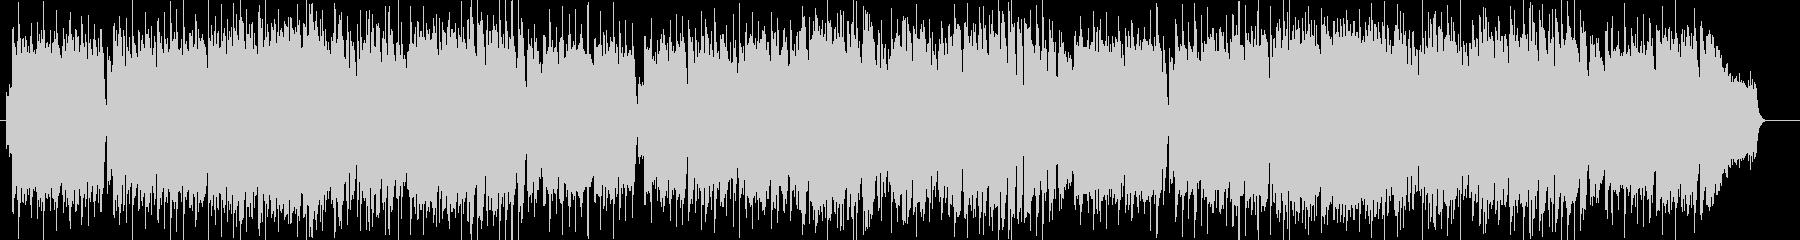 ノスタルジックなギターシンセポップの未再生の波形